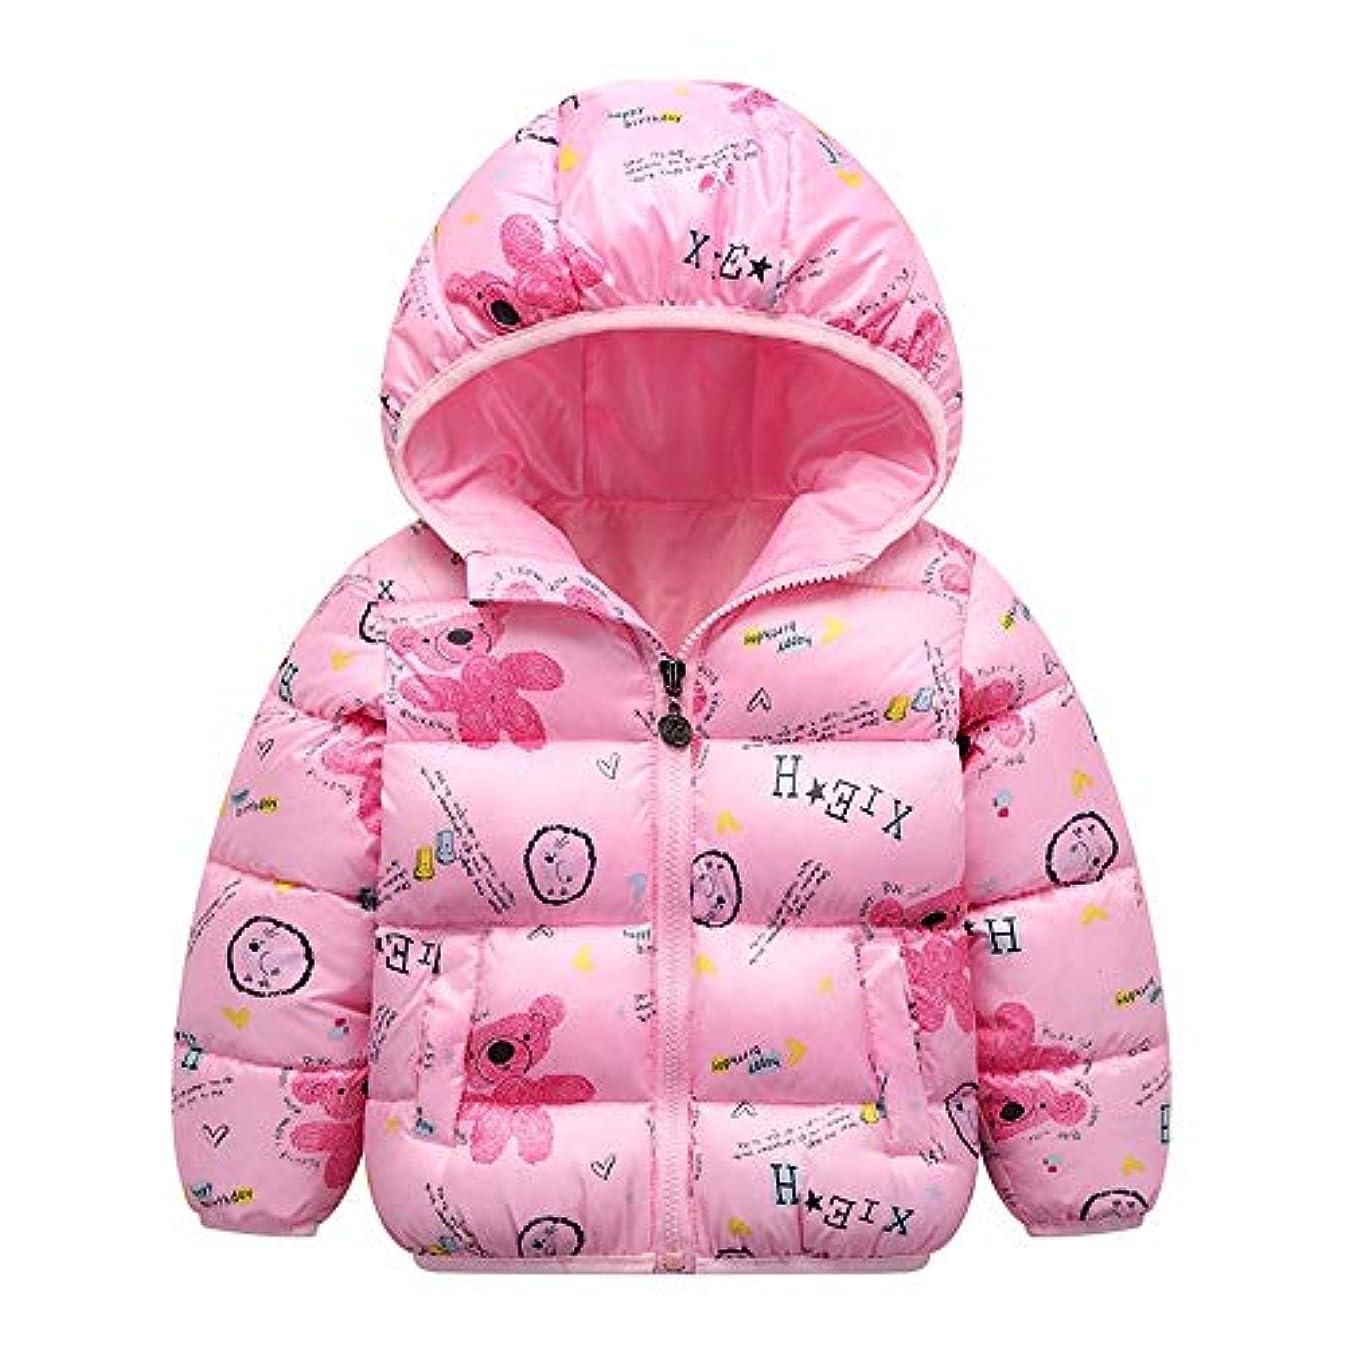 承認ファウルシフトガールズコート キッズ冬のジャケットのフード付きの防水軽量の服暖かいコートジャケットアウタートップス 子供服 (Color : Pink, Size : 90cm)